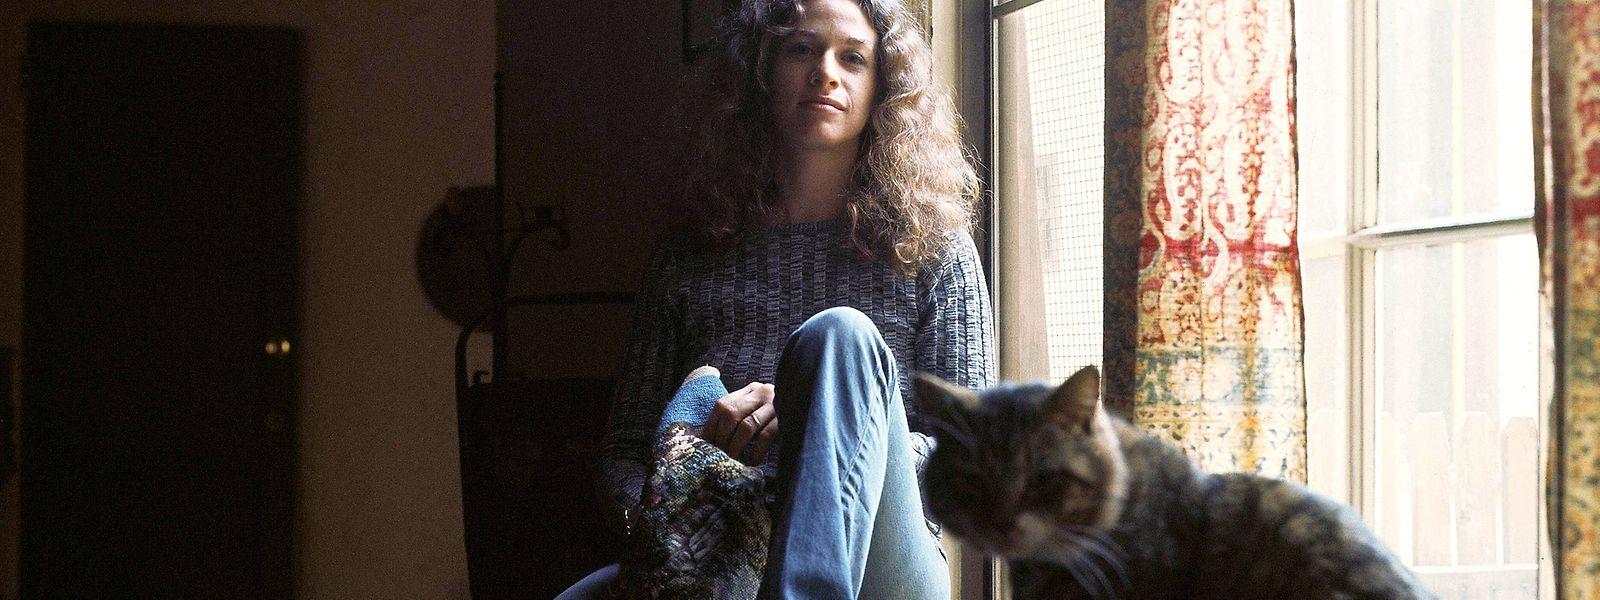 """Ikonisch: Carole King mit Kater Telemachus auf dem Cover von """"Tapestry""""."""